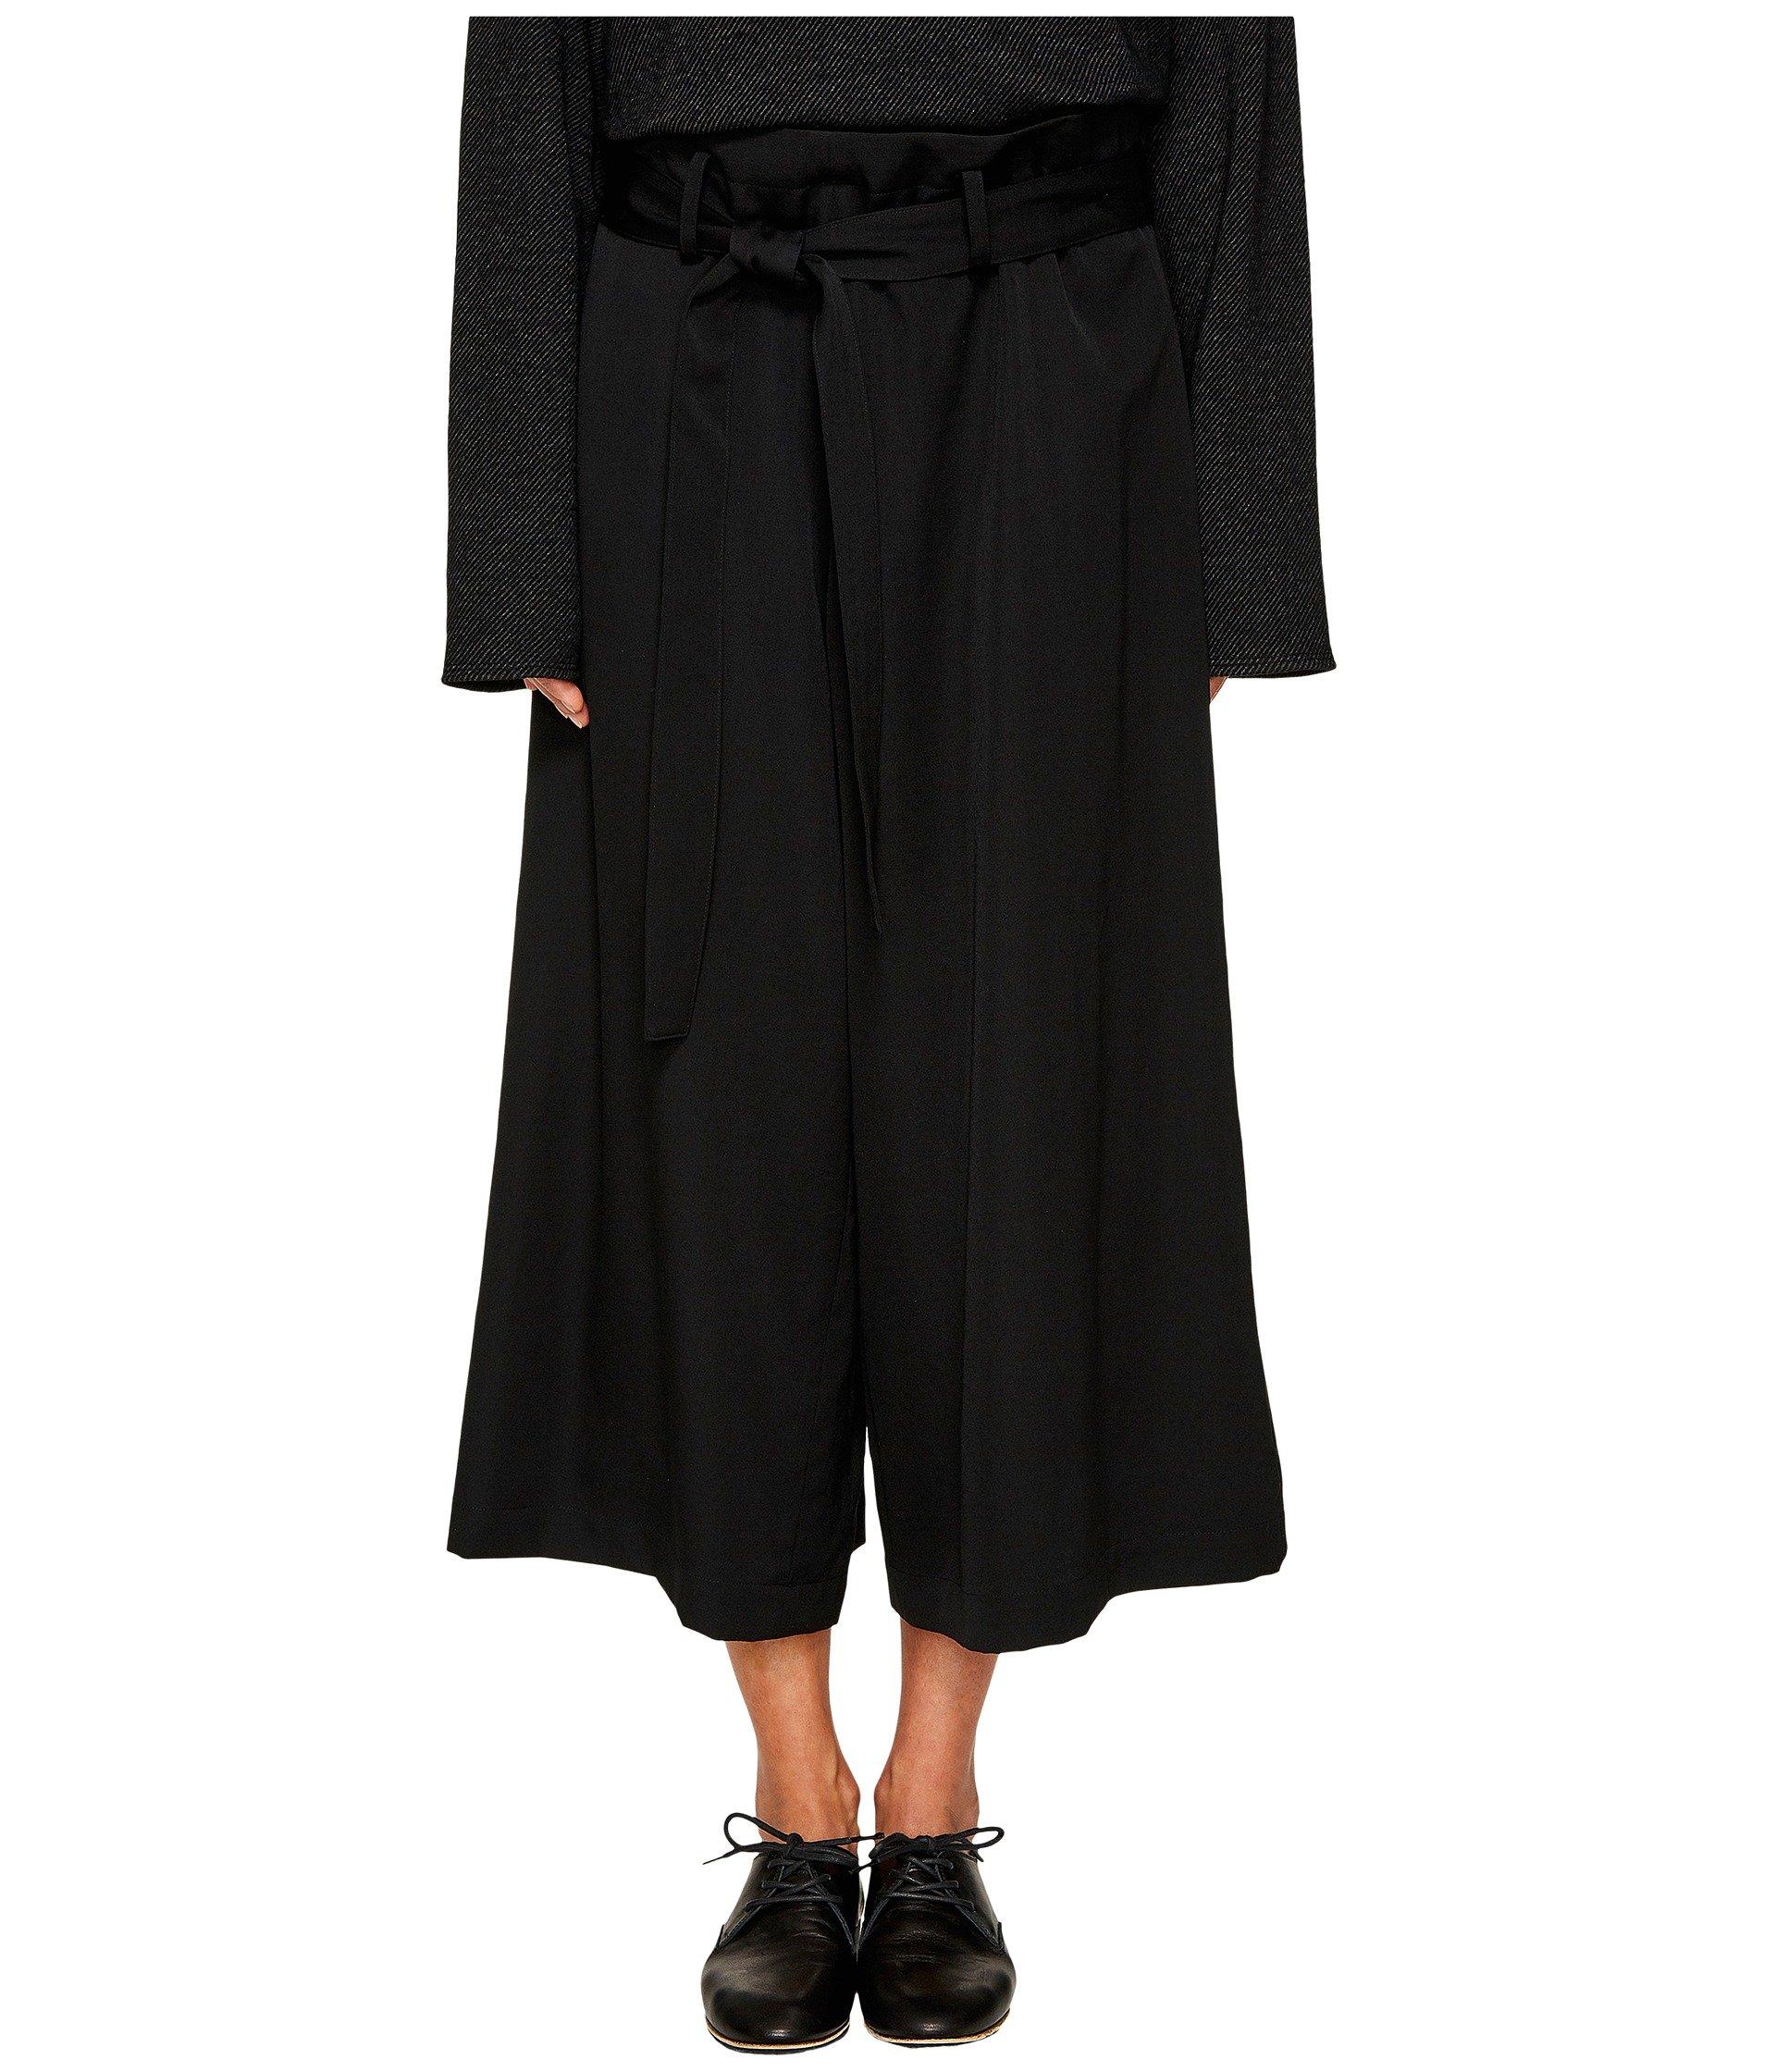 Pantalón para Mujer Yand#39;s by Yohji Yamamoto Belted Palazzo Pants  +